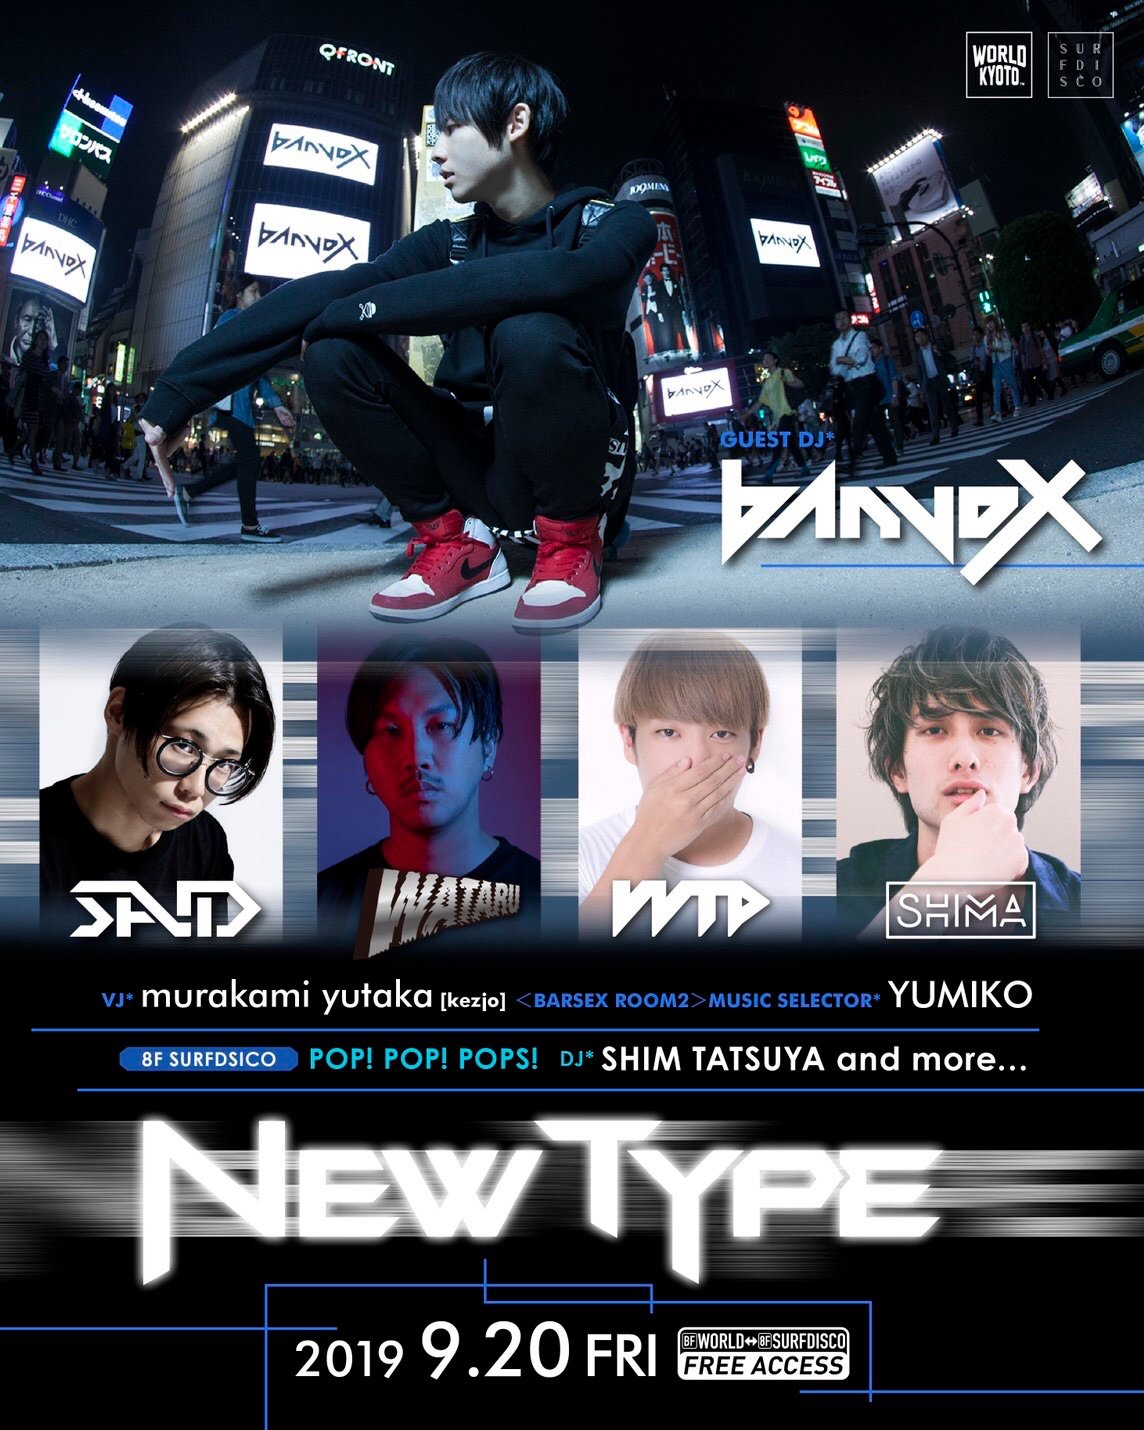 Newtype【banvox】